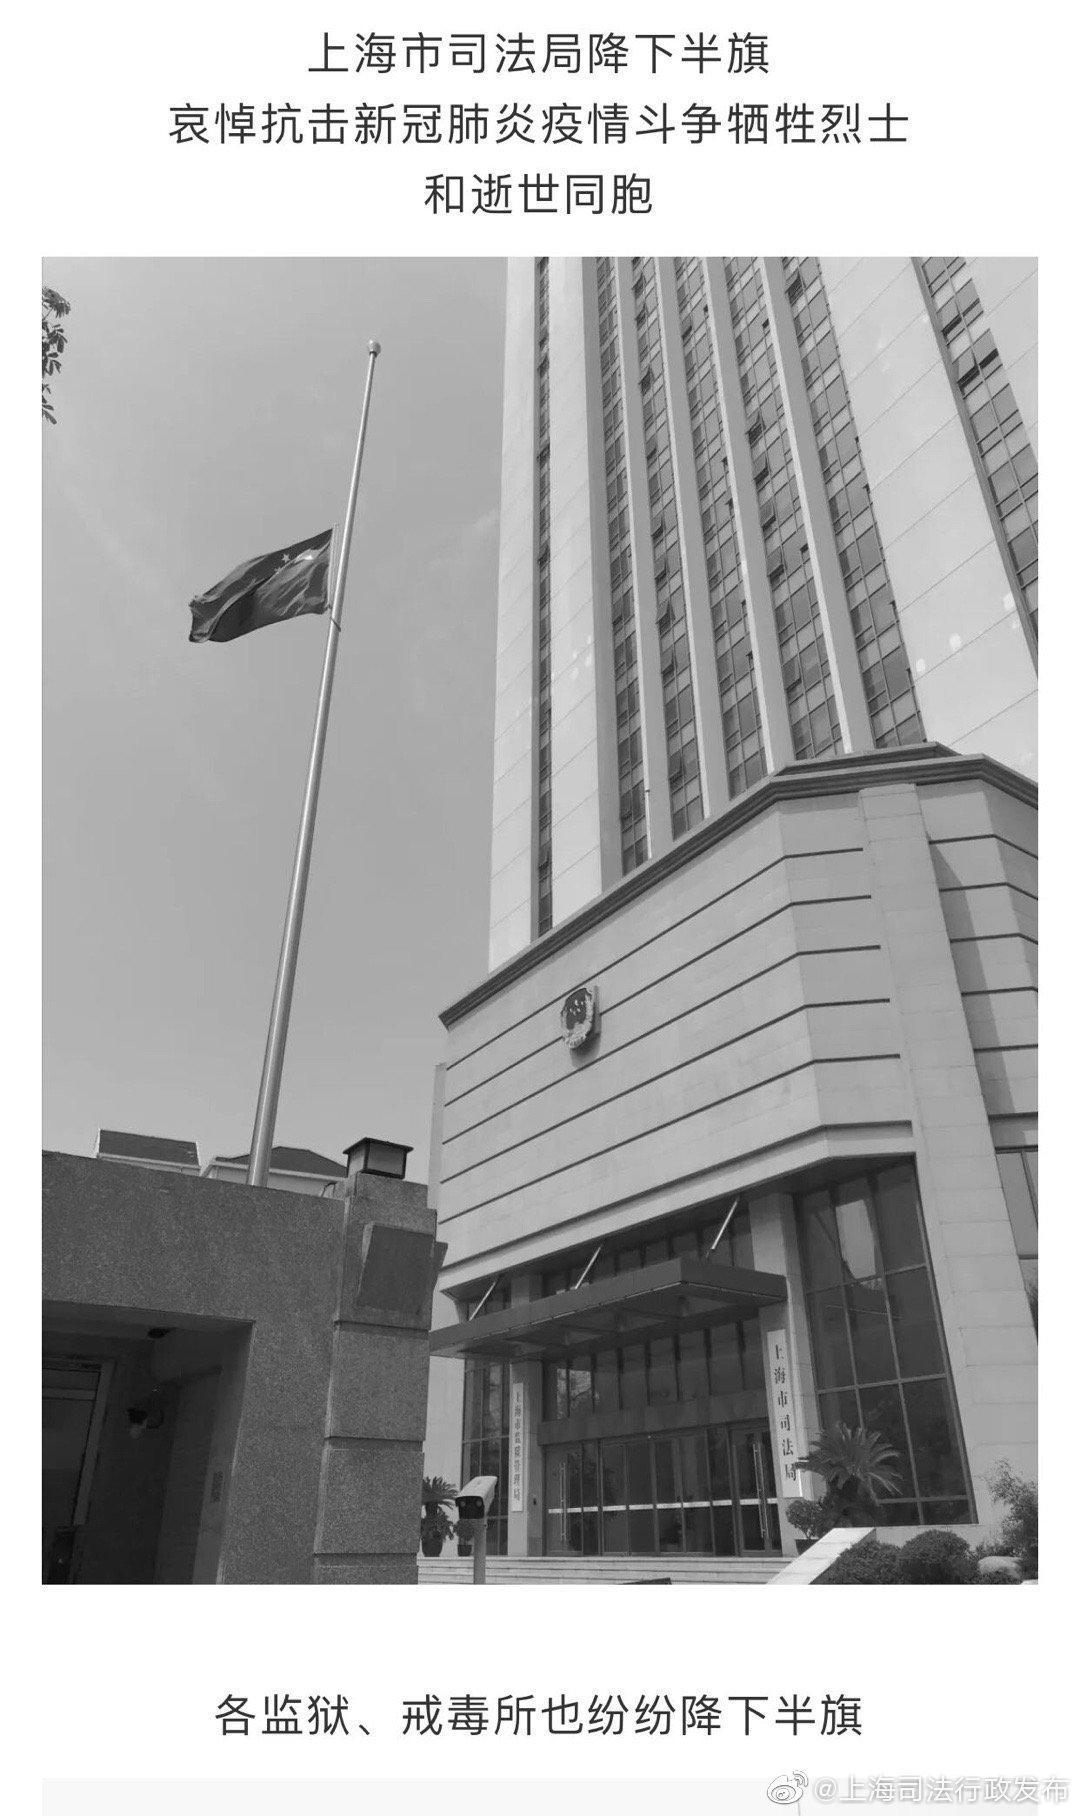 清明追思,家国永念!上海司法行政系统哀悼烈士与逝世同胞